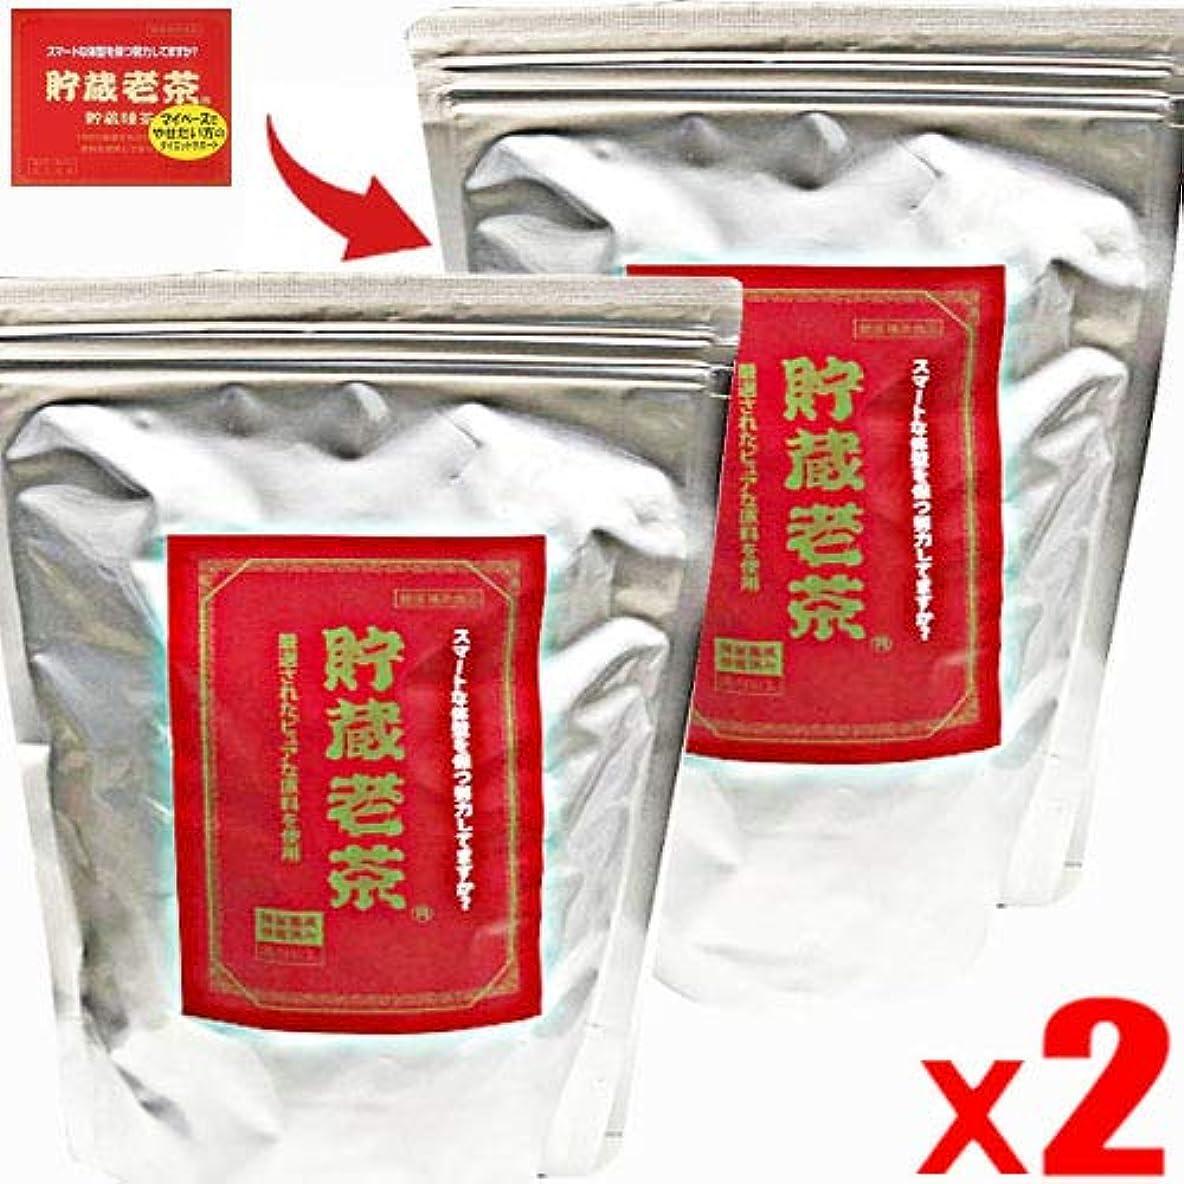 ダイヤモンド考える折り目共栄 貯蔵老茶 (3.7gX60包)x2個(4972889000197-2) 赤箱からパウチ包装に変更です。